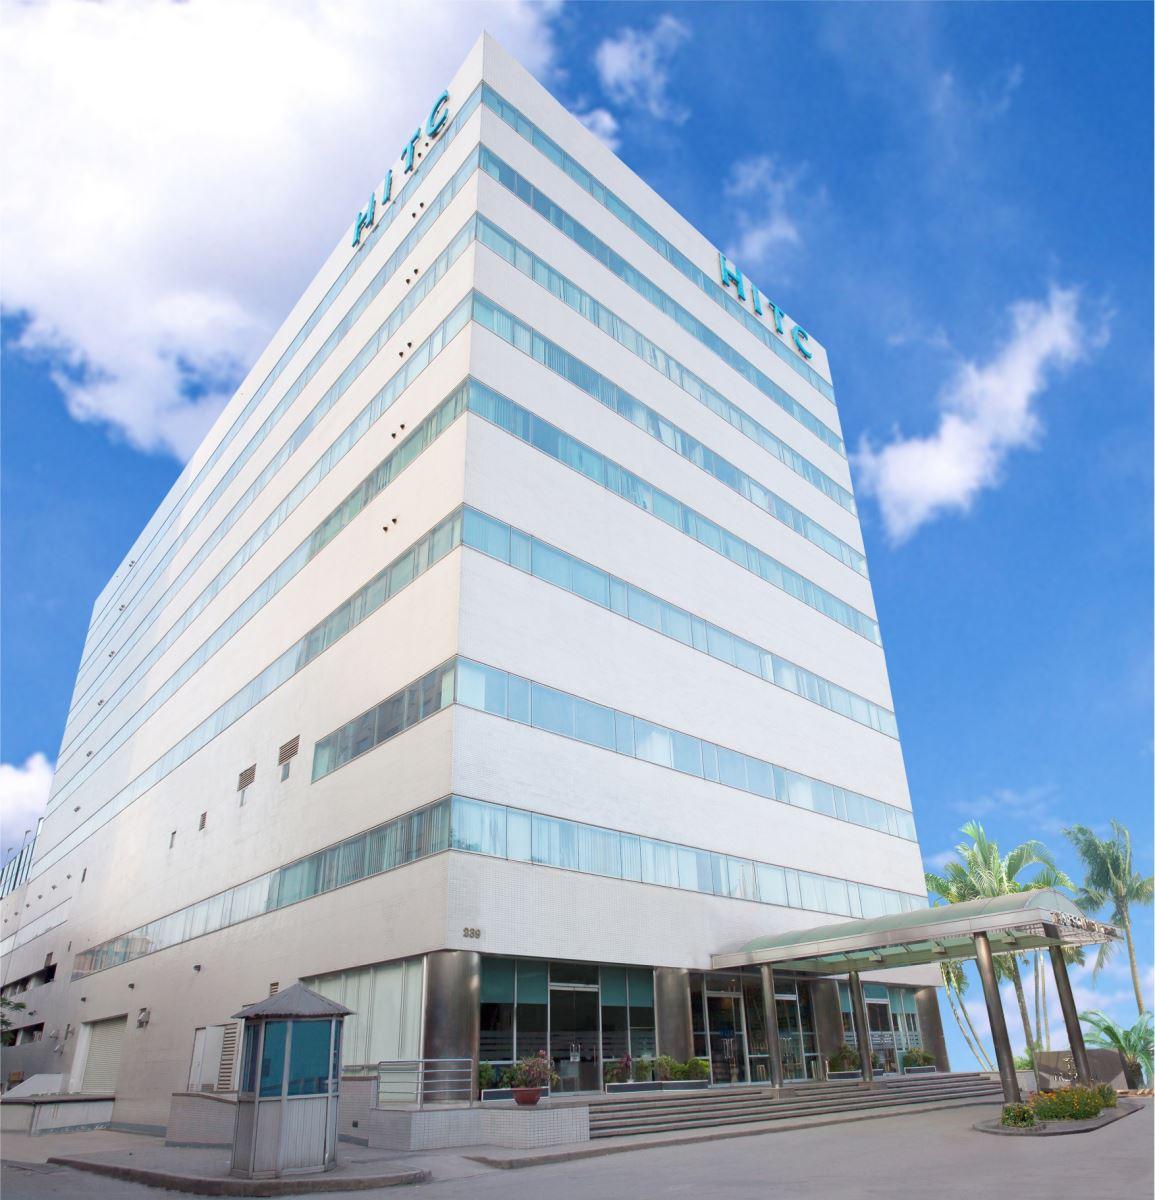 Cho thuê văn phòng tòa nhà HITC, 239 Xuân Thủy, Hà Nội